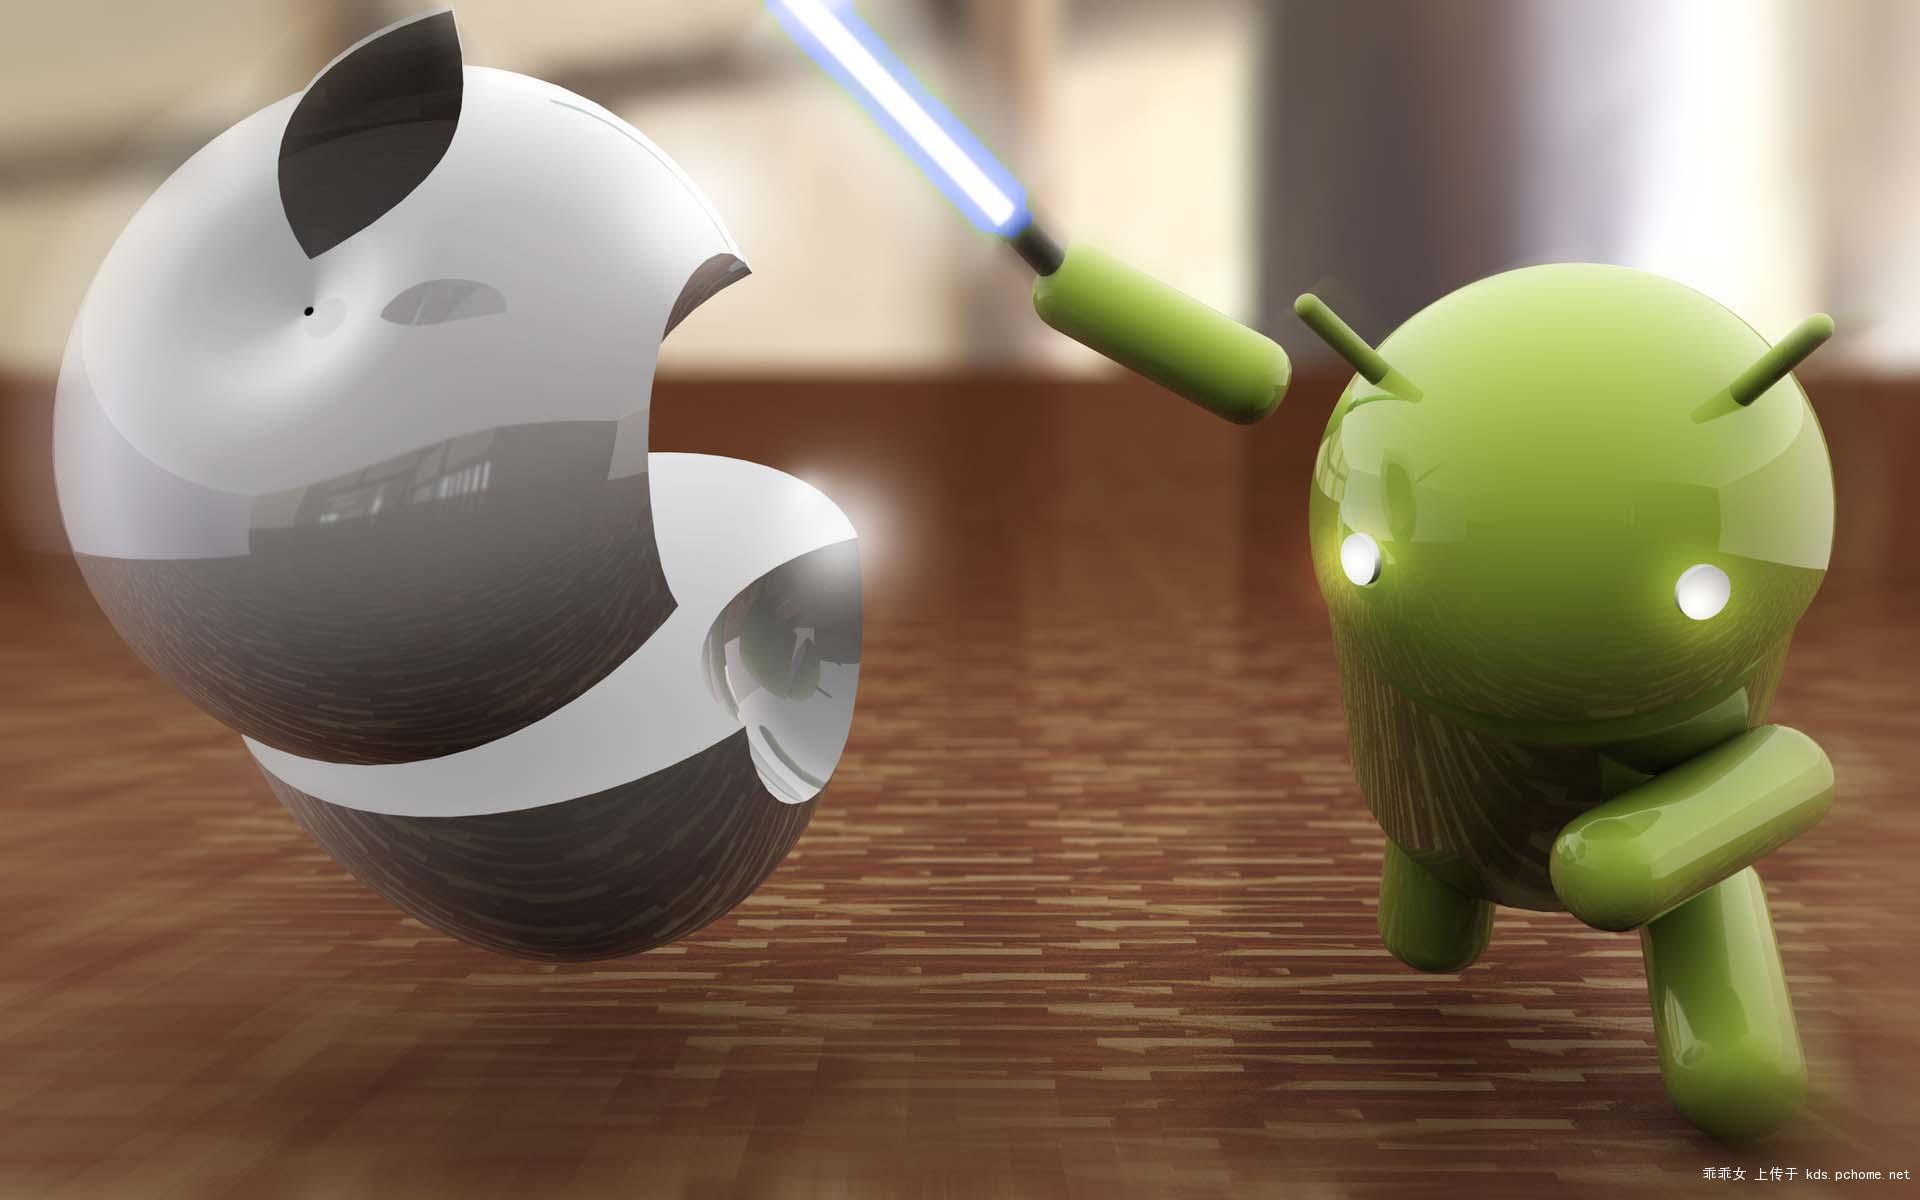 苹果手机换墙纸图片太大怎么缩小图片